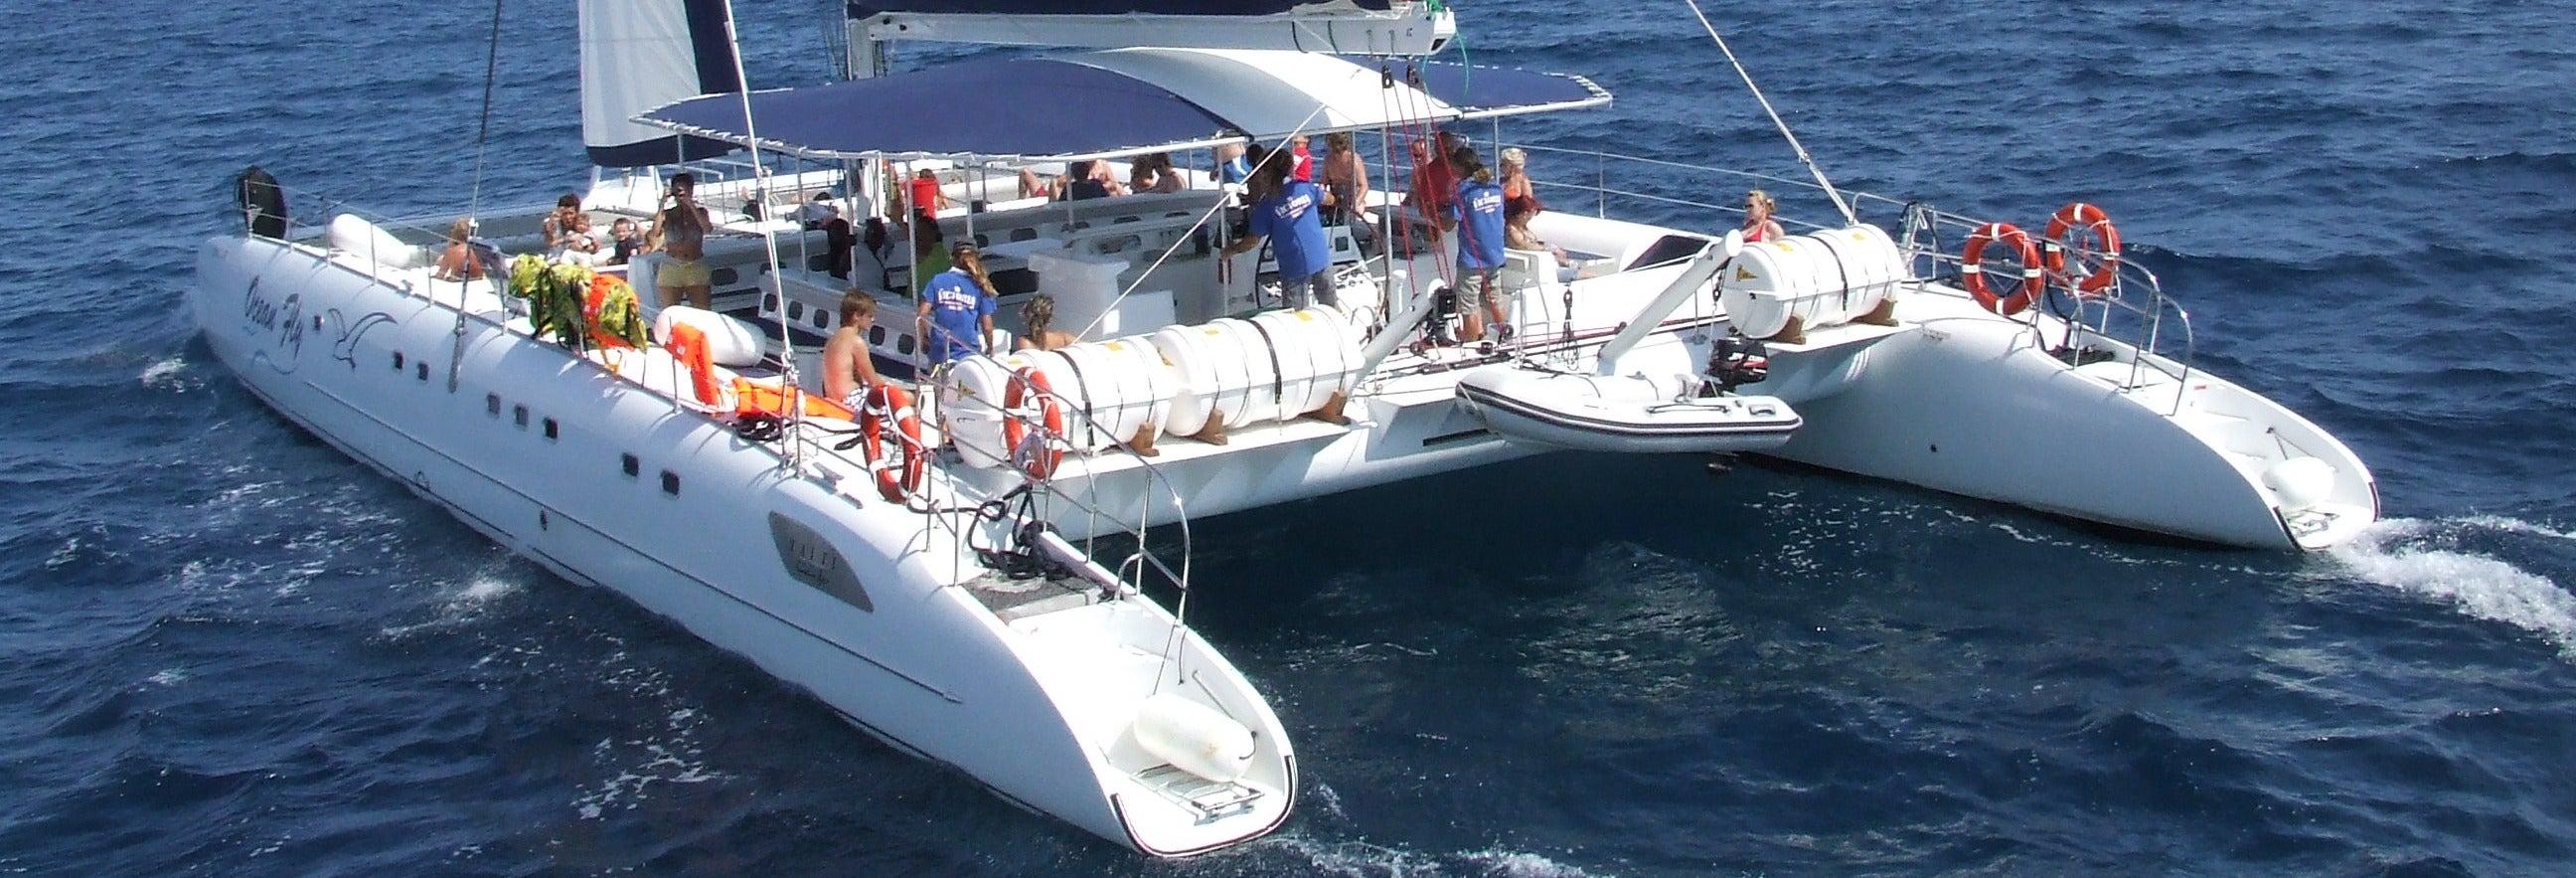 Paseo de medio día en catamarán por Cambrils